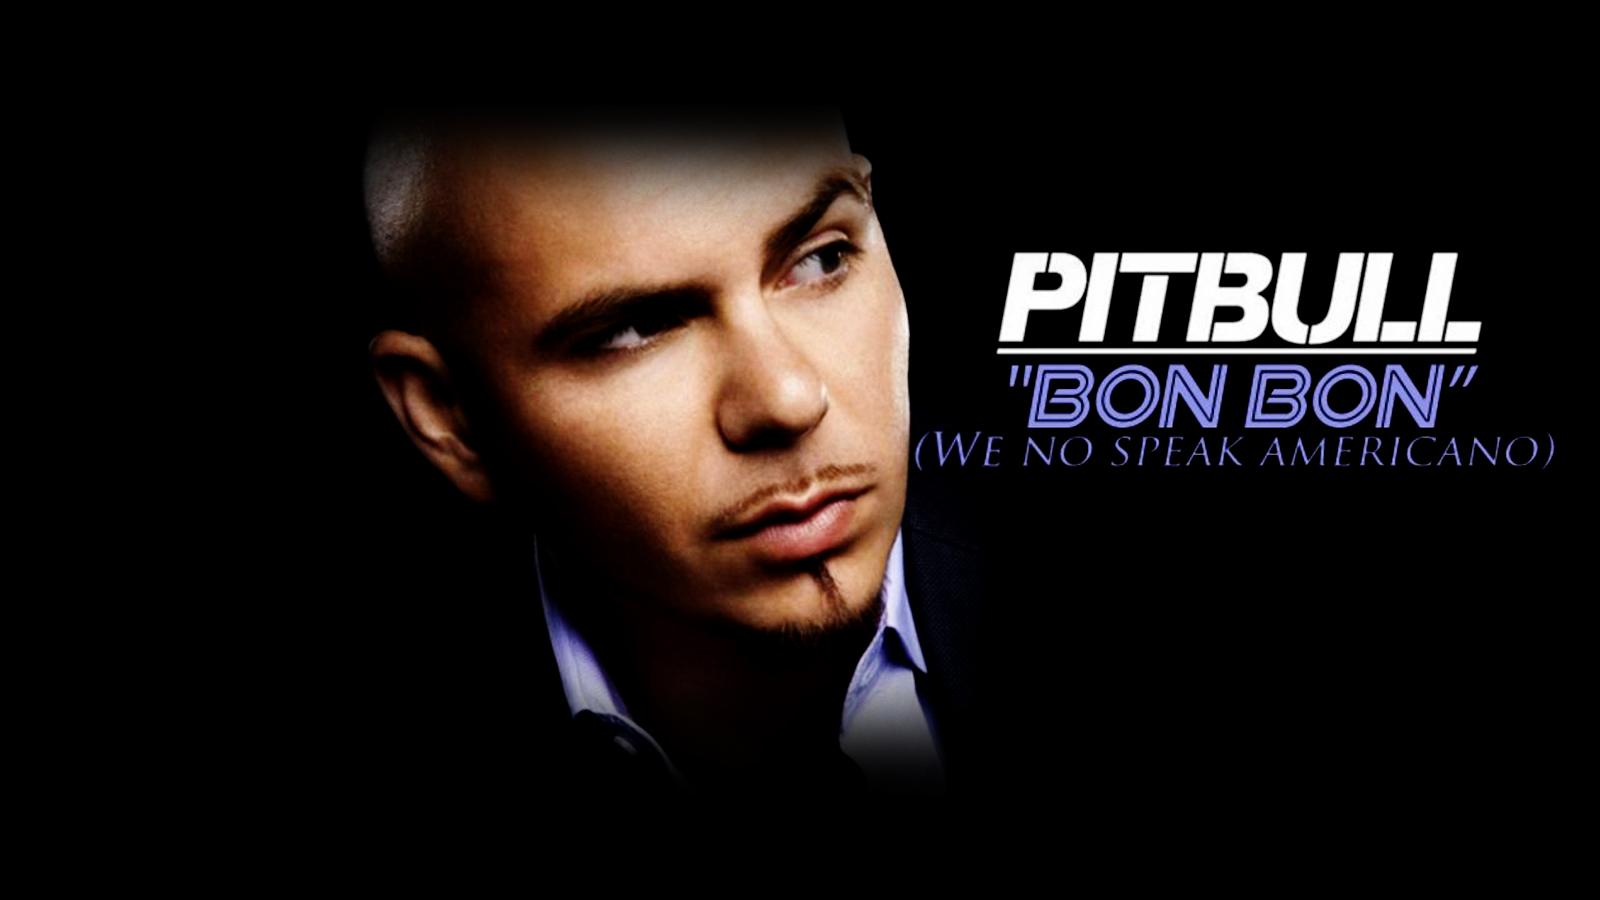 http://2.bp.blogspot.com/-zR71tc8Spjc/UN7Y3UimC4I/AAAAAAAAGno/djsJidRhhV0/s1600/Pitbull_Bon_Bon_HD_Wallpaper.jpg